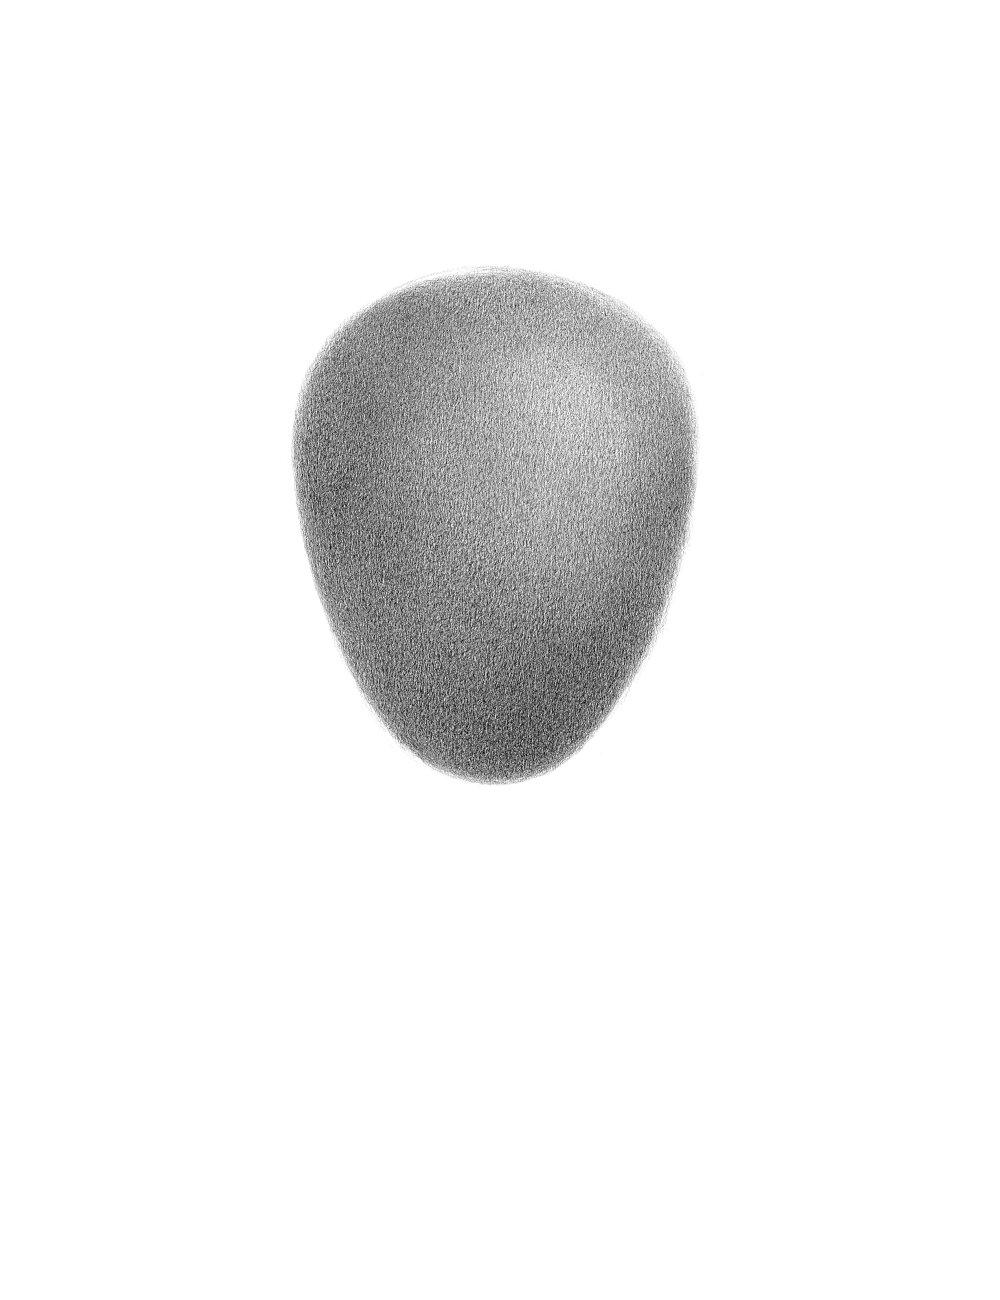 Čistý a bezúhonný, 2015, kresba ceruzkou, 390x300mm